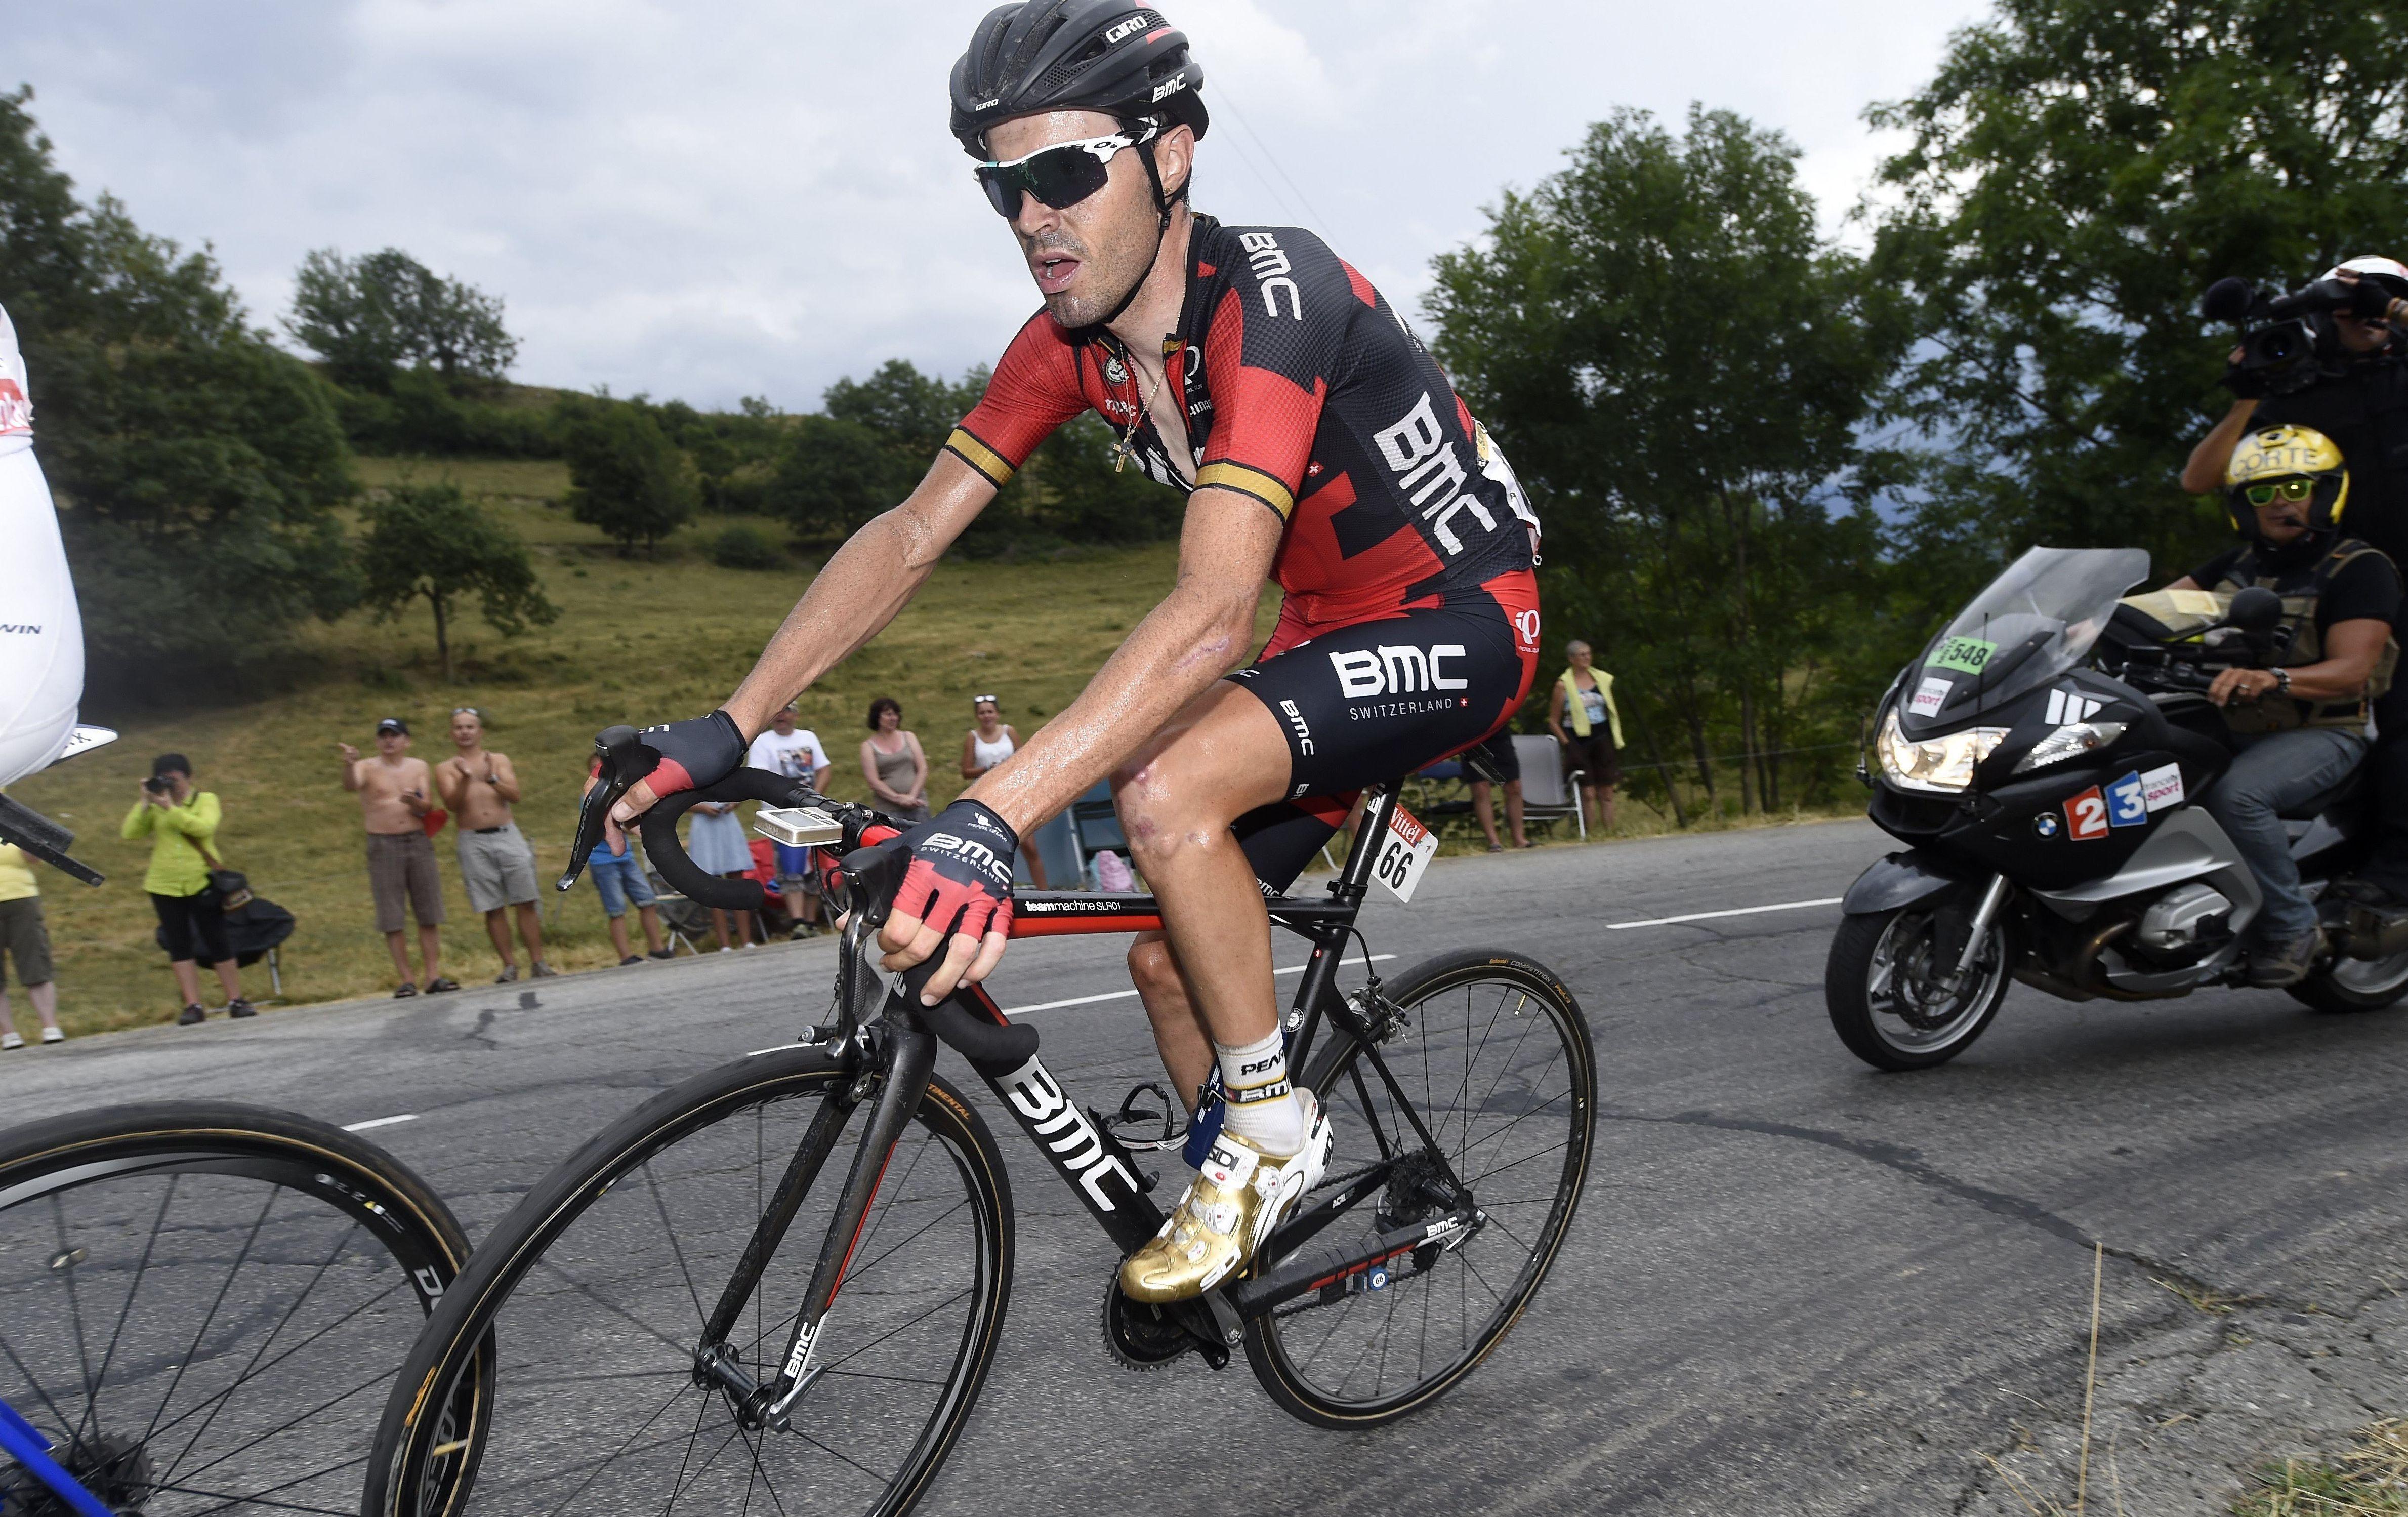 Cyclisme - Samuel Sanchez positif à l'hormone de croissance à 39 ans